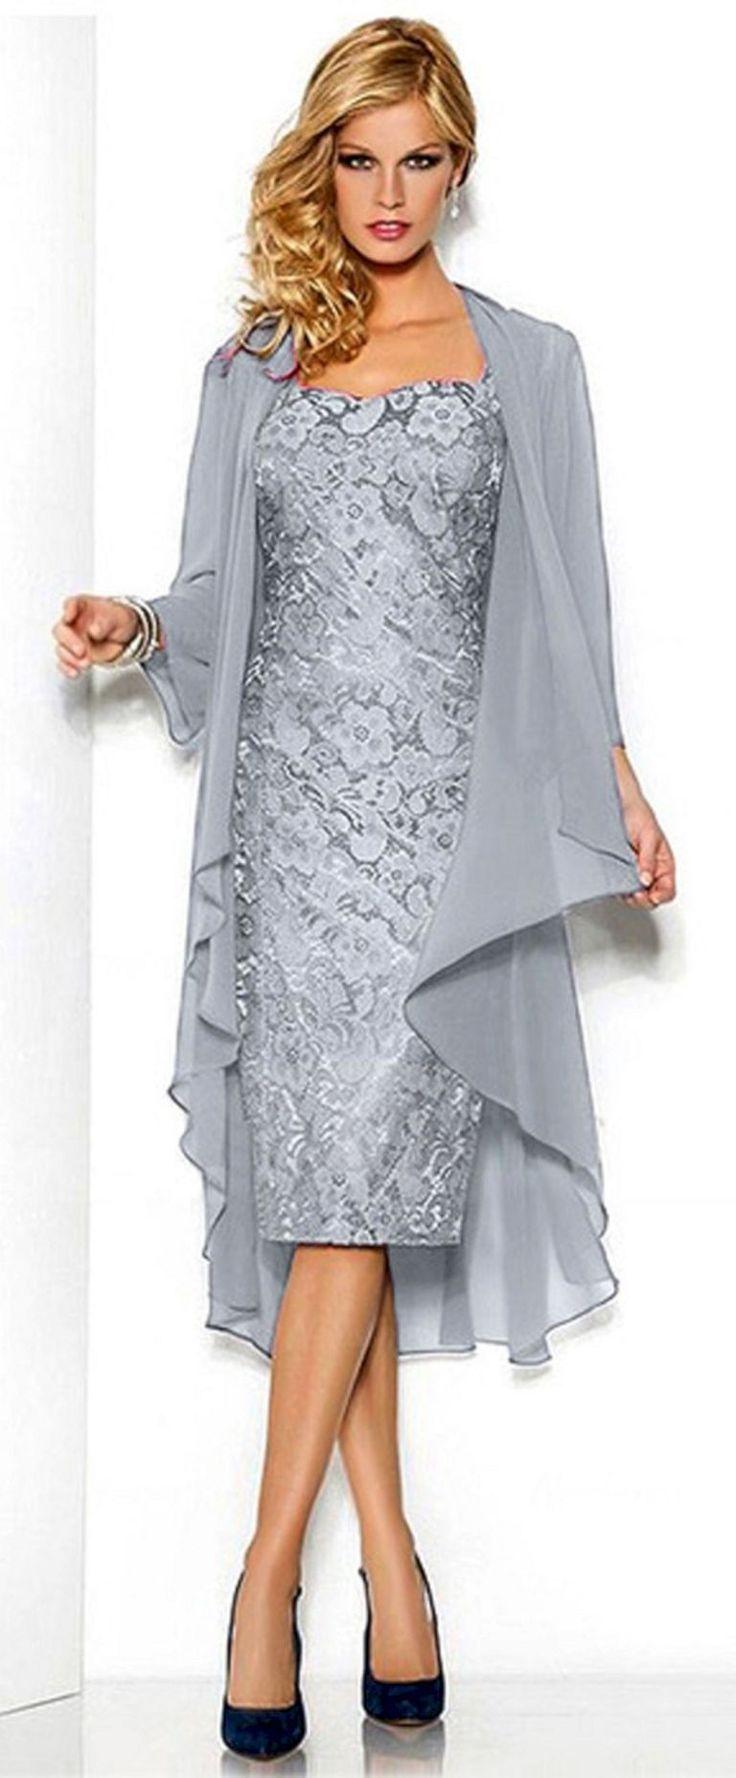 kleider zur hochzeit brautmutter in 20  Ball gown wedding dress